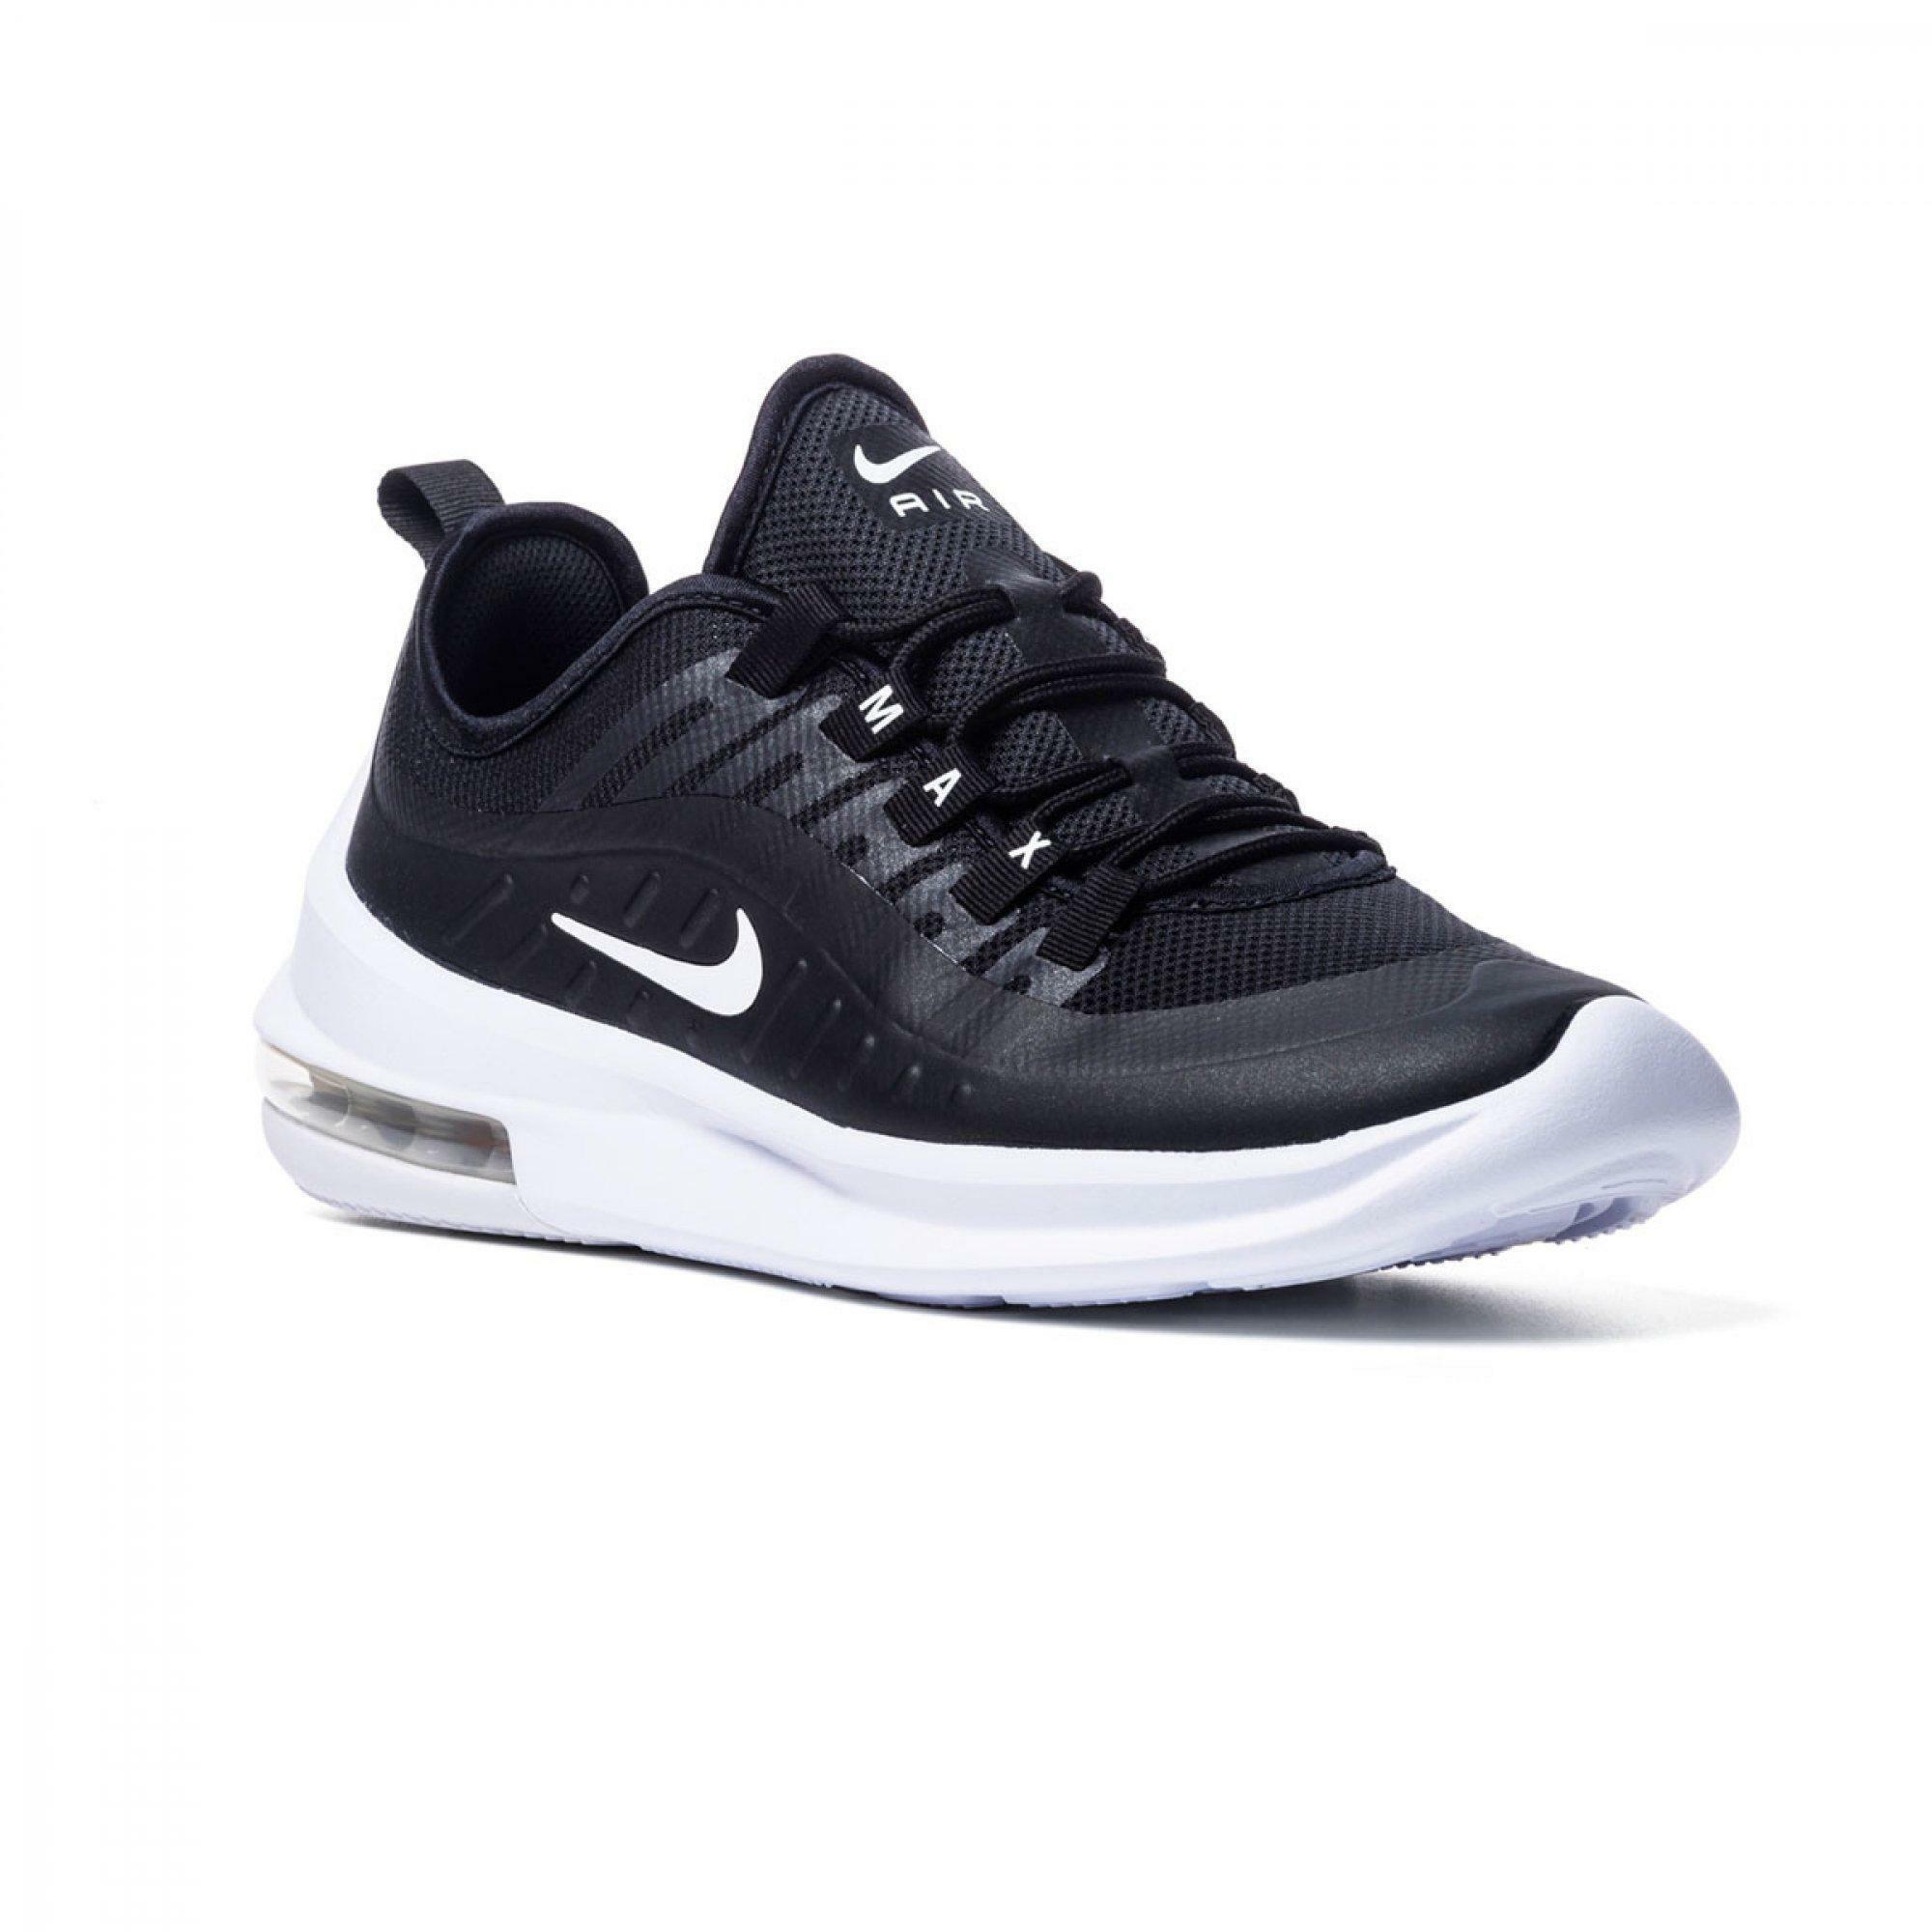 nike nike air max axis (ps) sneaker bambino ah5223 001 nero